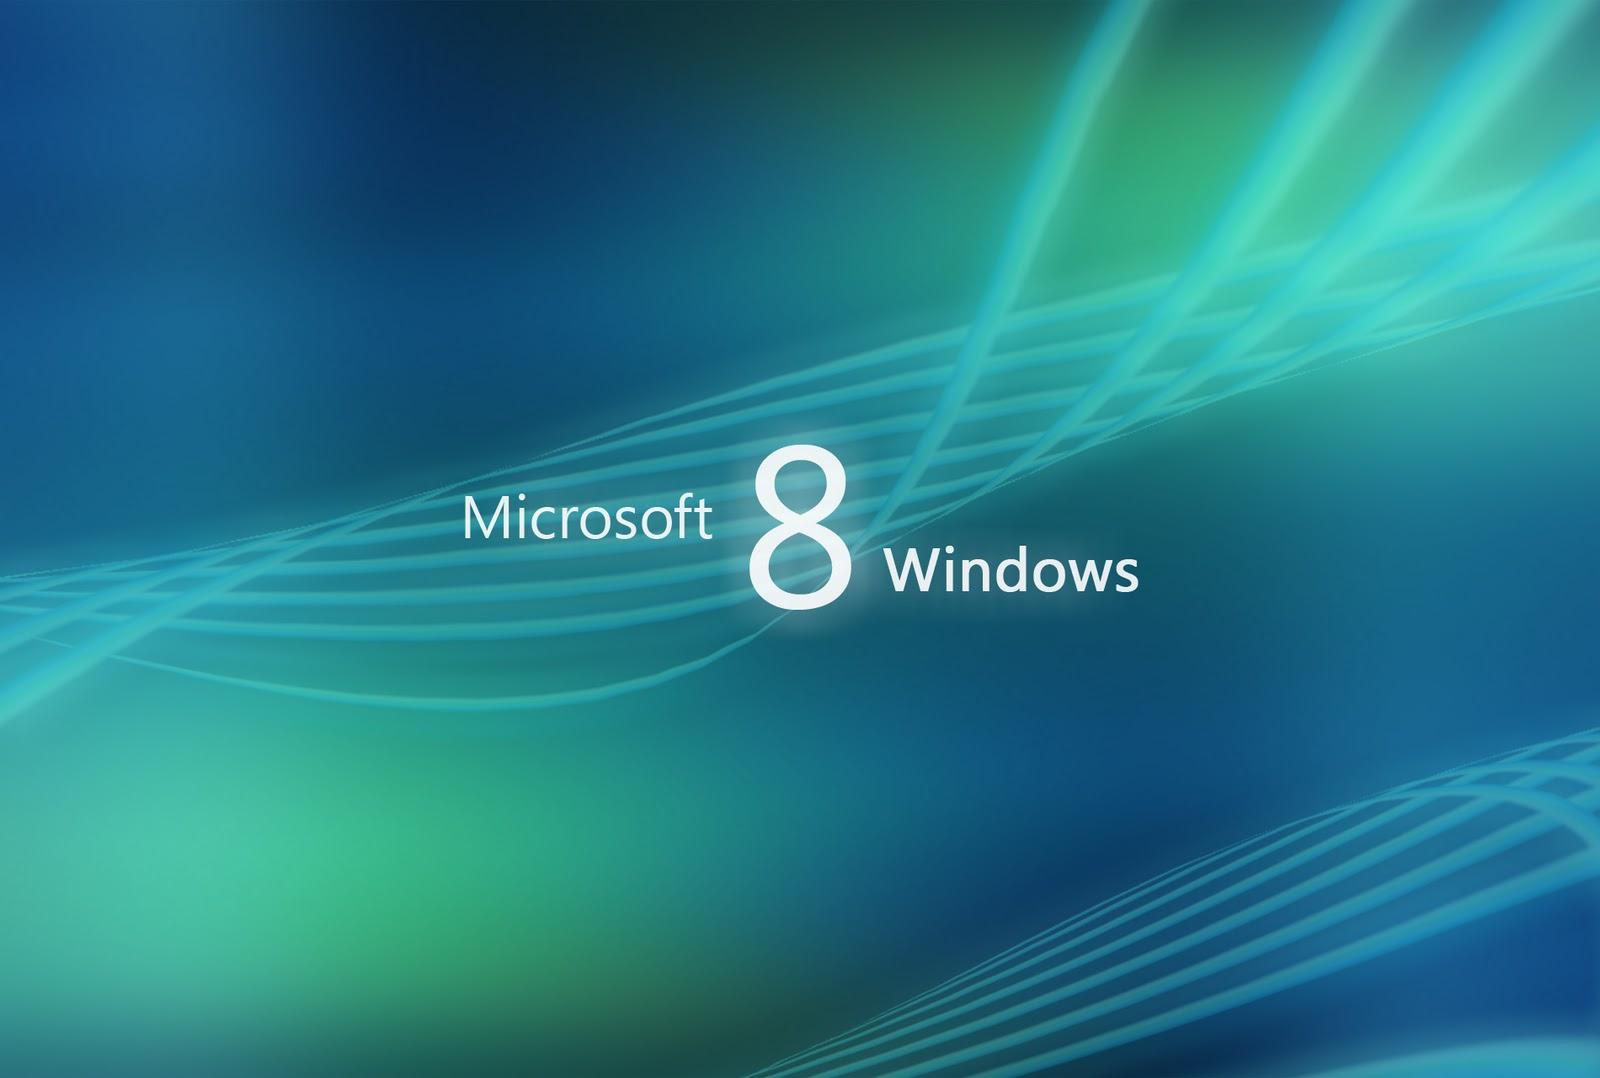 windows 8.1 hd wallpaper - wallpapersafari